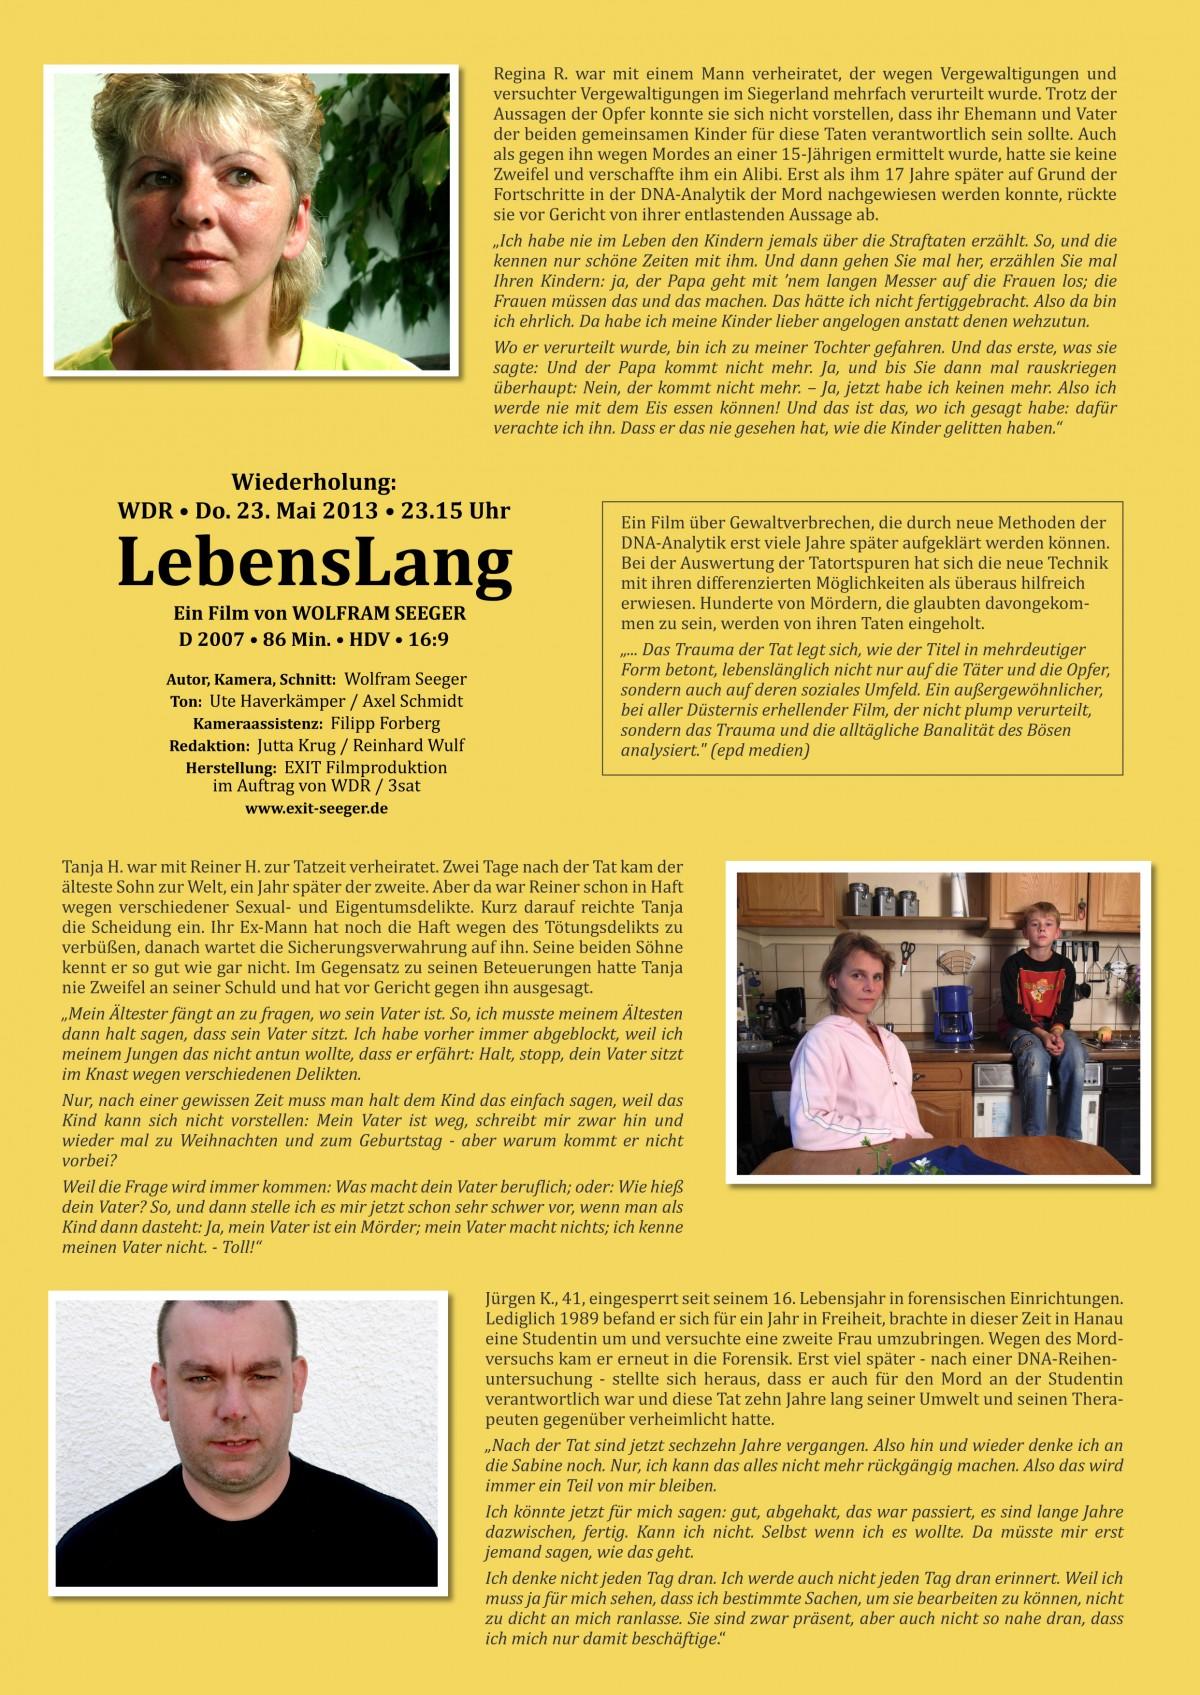 Flyer LebensLang WDR Wiederholung 23.5.2013